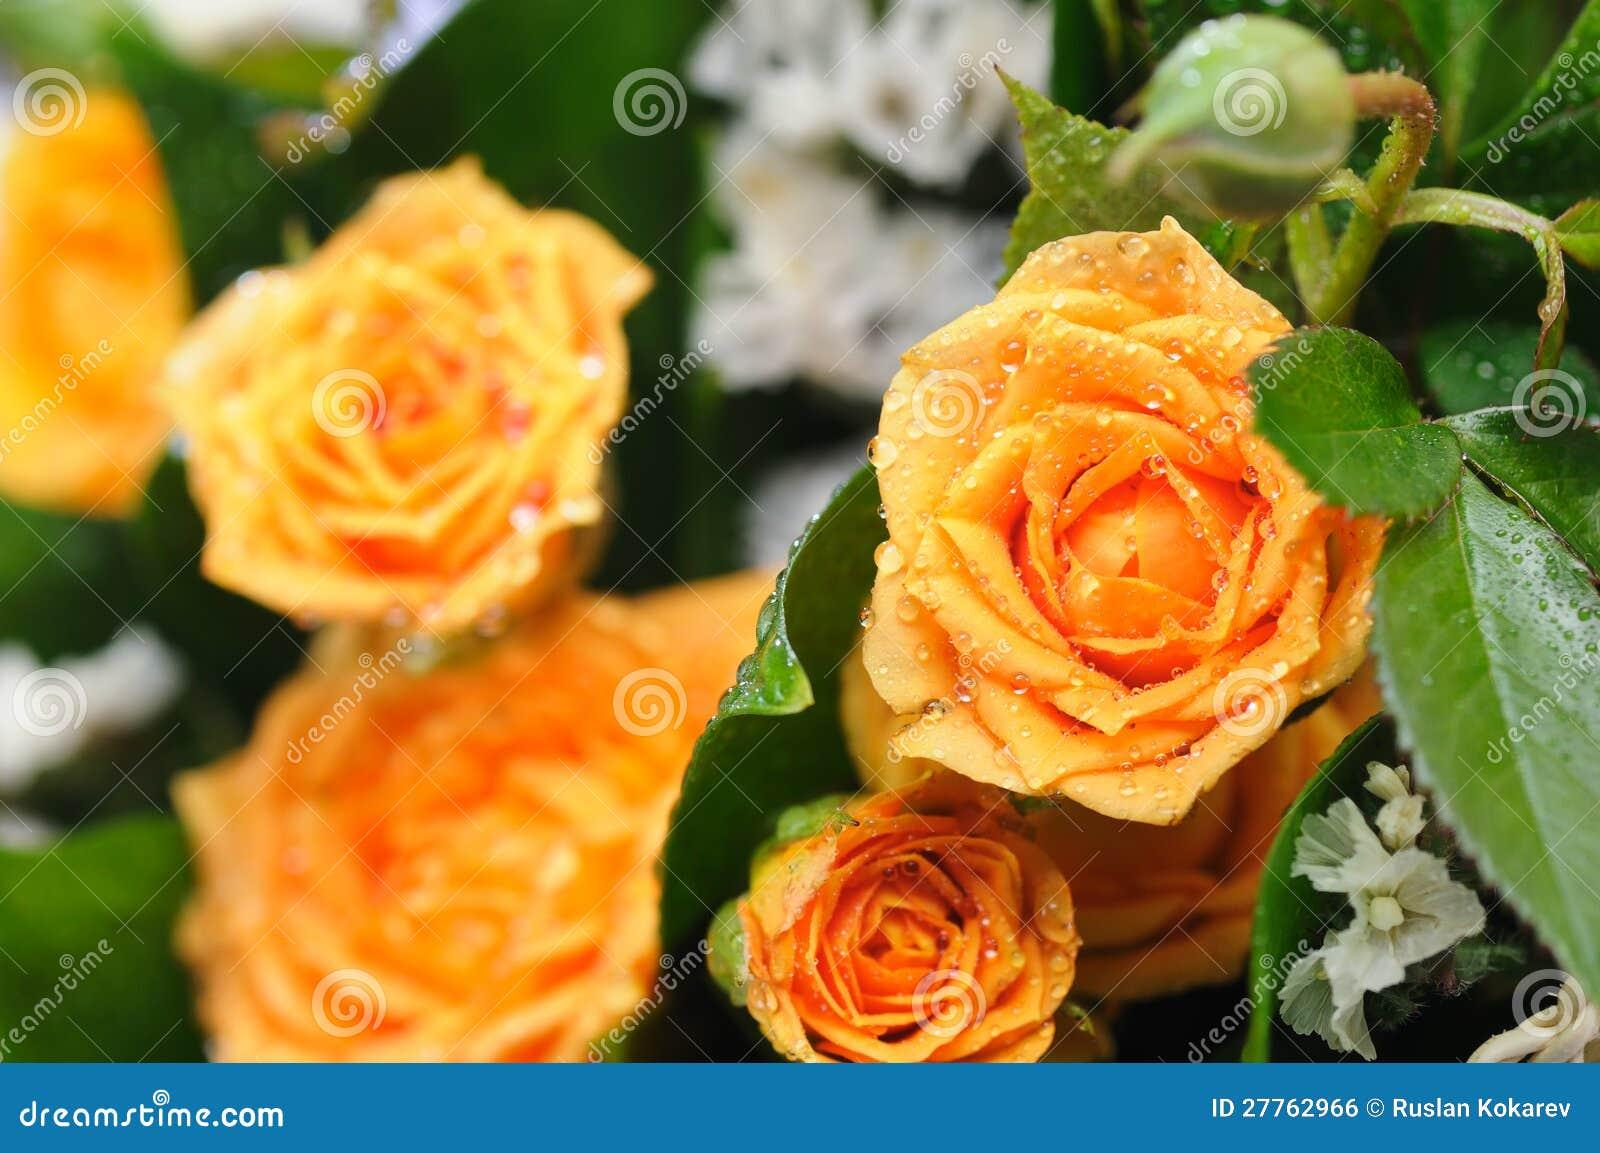 Bouquet des roses jaunes.